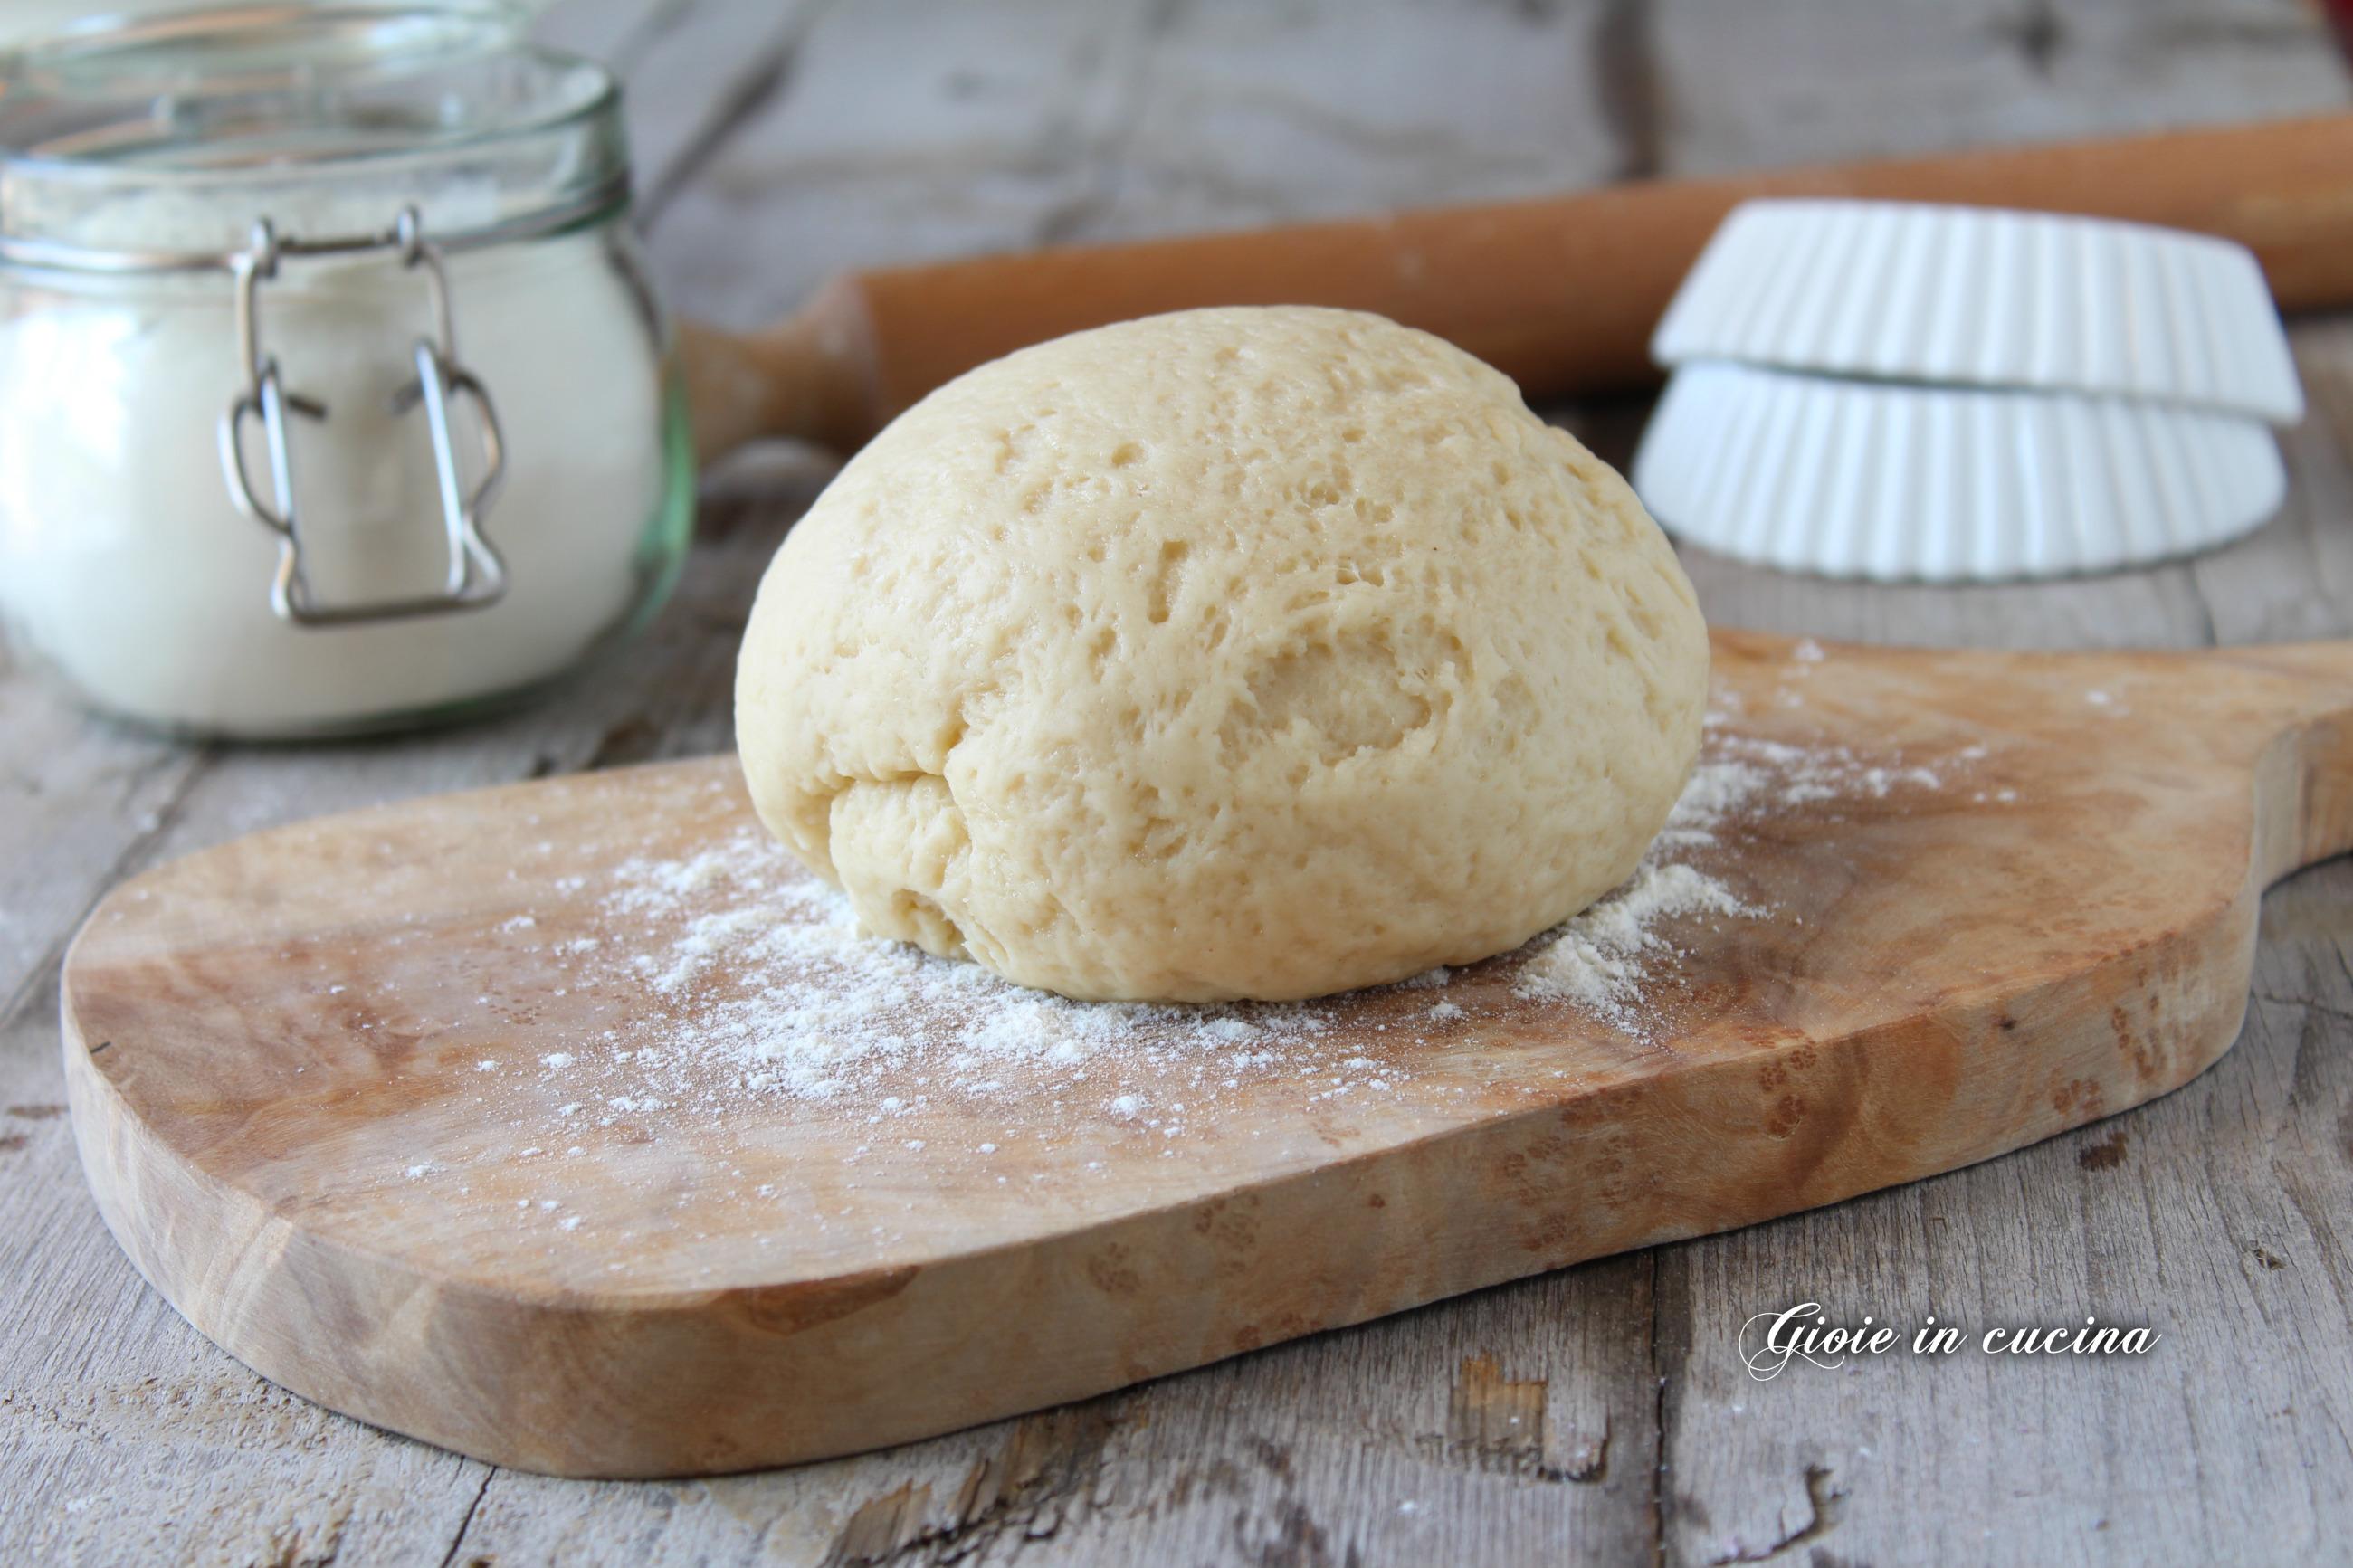 Pasta frolla vegana all 39 acqua gioie in cucina for Pasta frolla planetaria